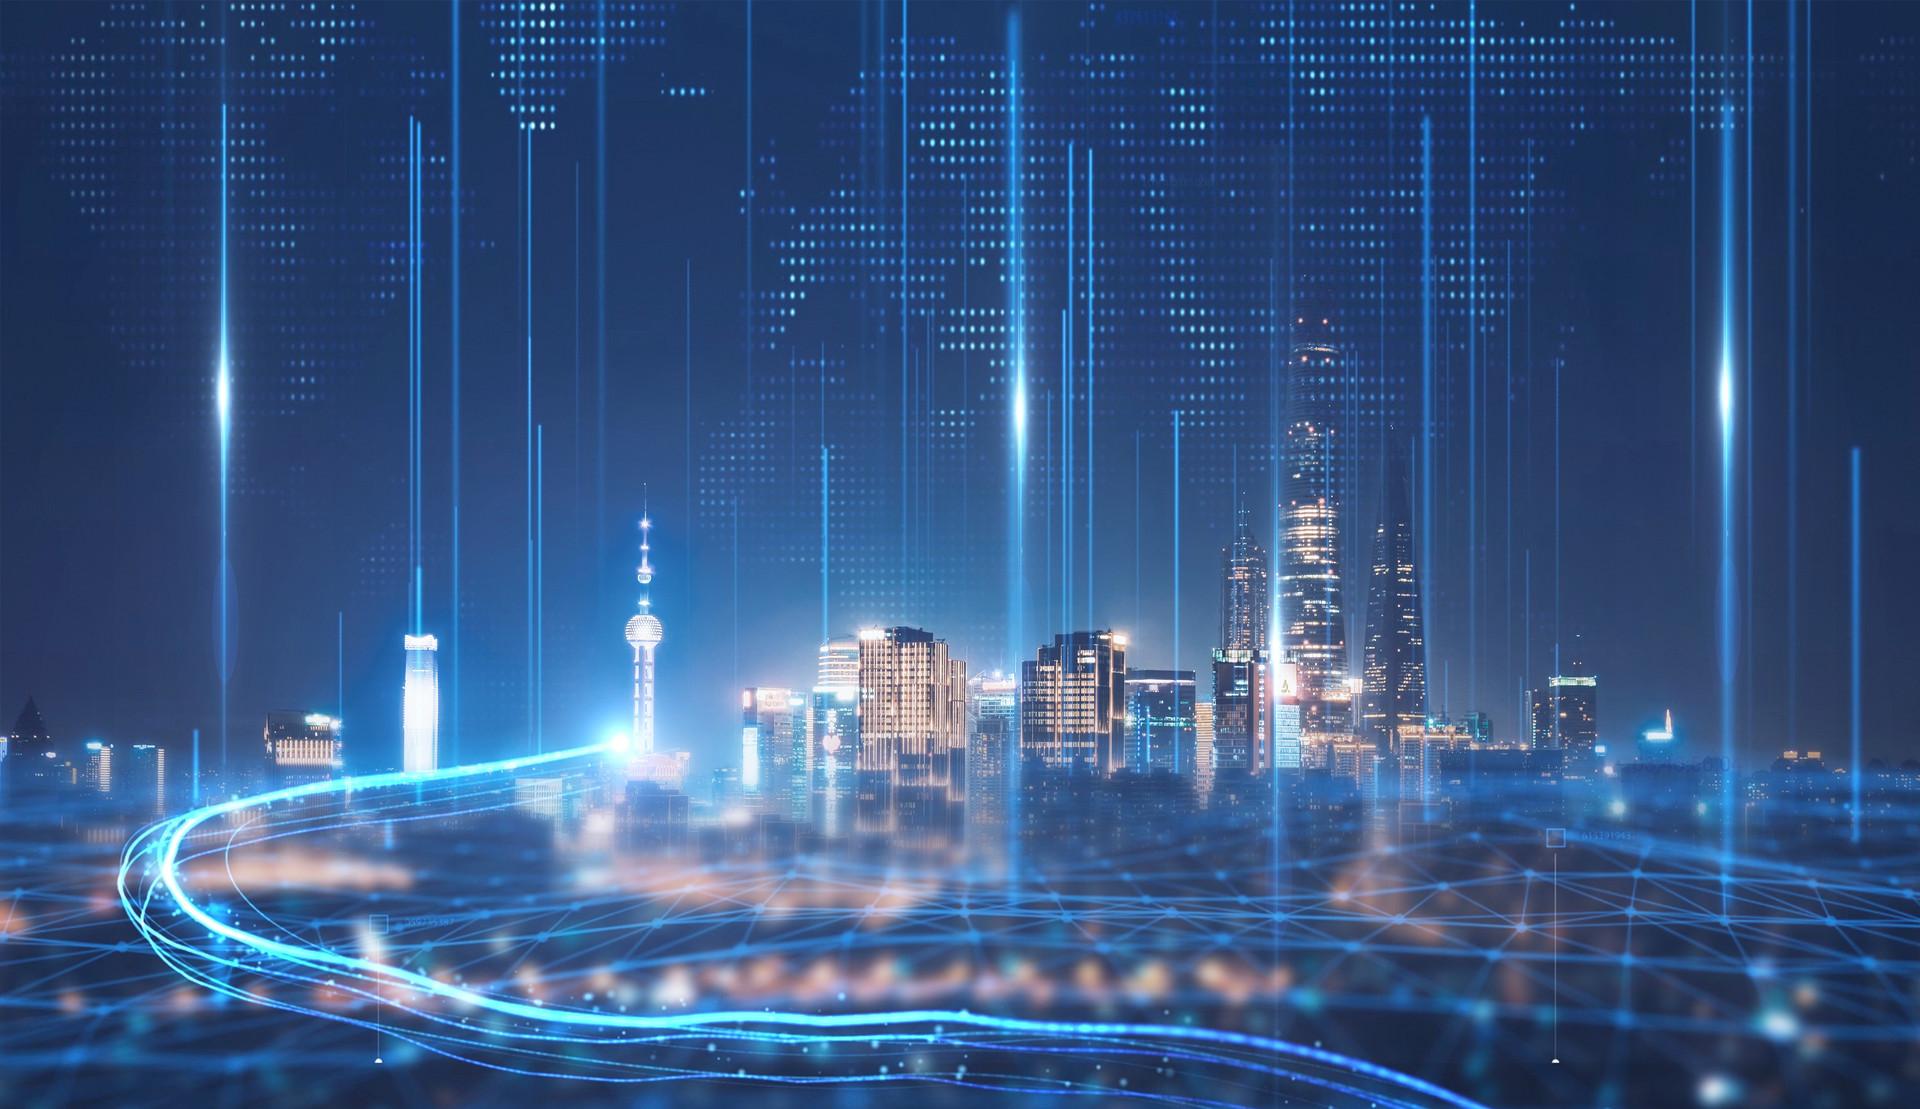 """把握""""5G+工业互联网""""机遇期 助力青岛抢占工业互联网制高点"""